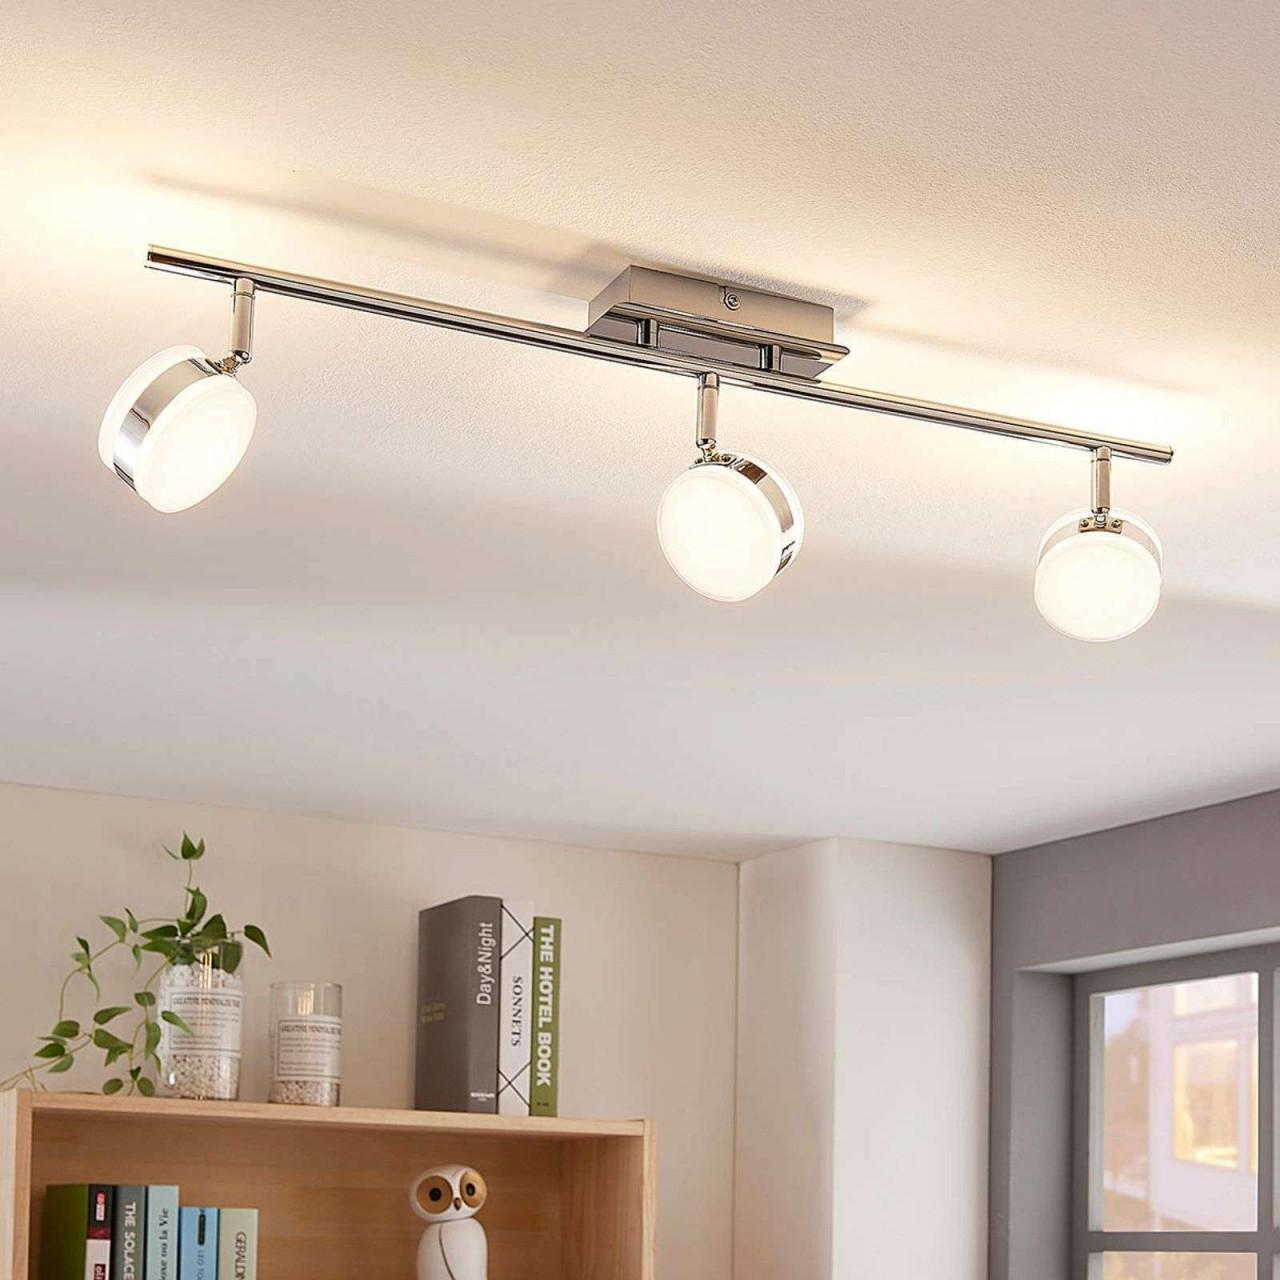 Innenbeleuchtung Küche Haushalt  Wohnen Strahler Modern von Led Lampe Wohnzimmer Photo